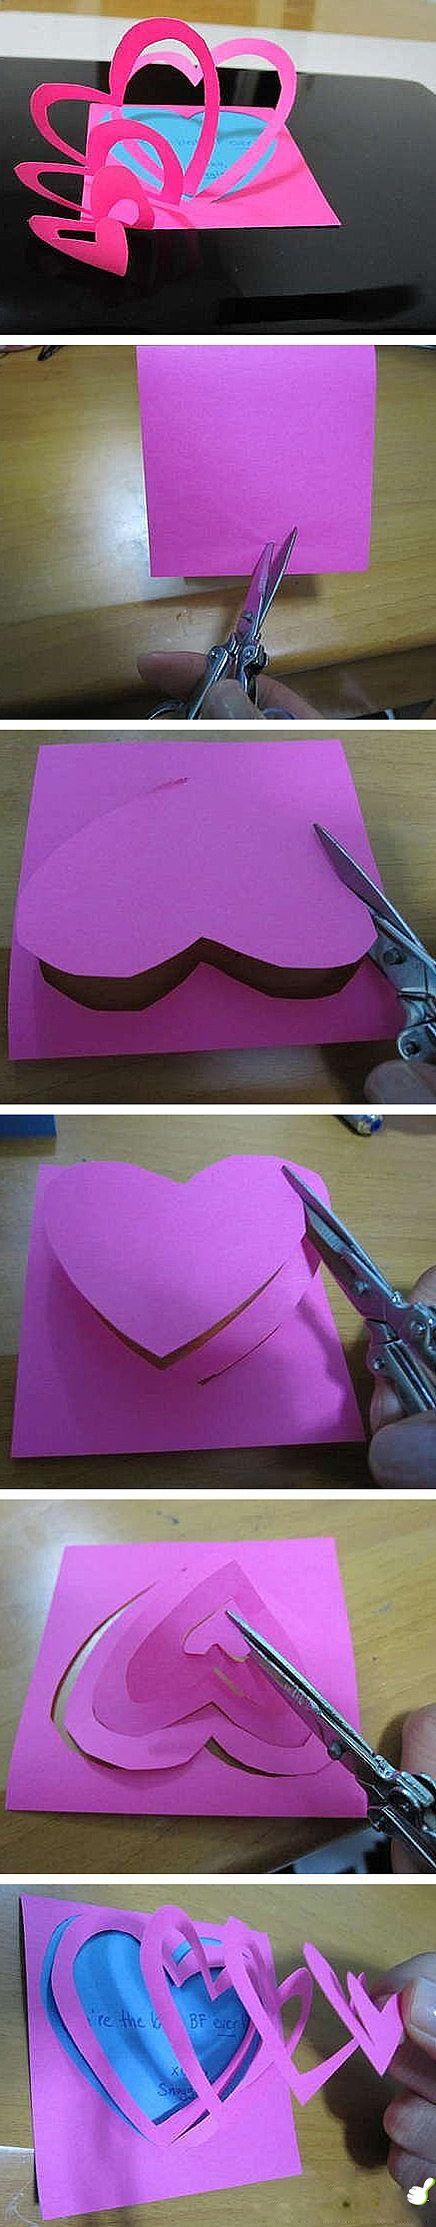 : ) 3D Heart